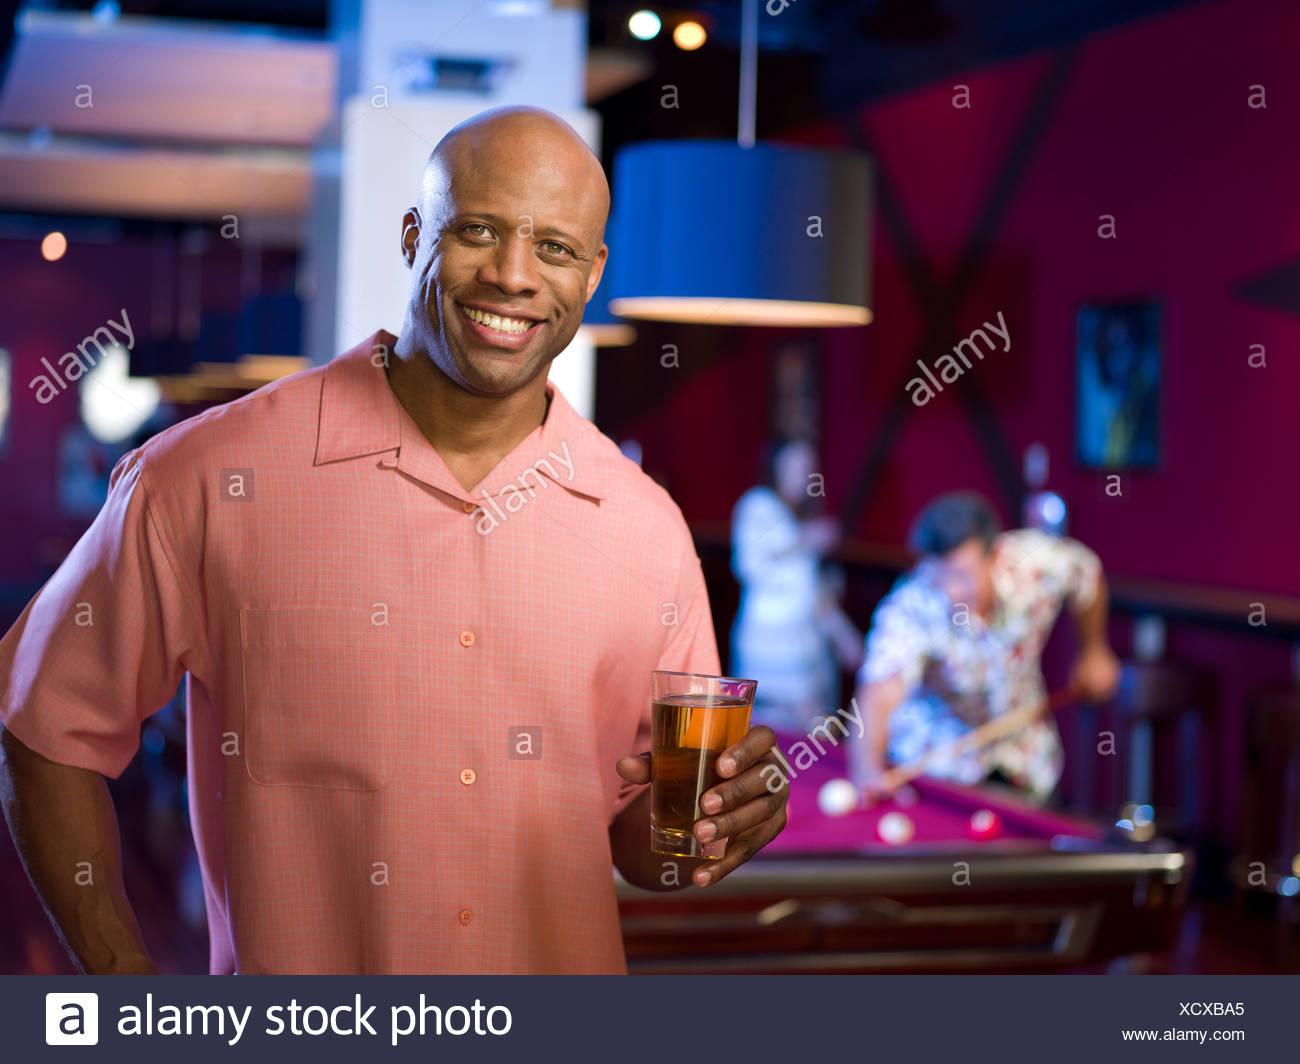 USA, Arizona, Scottsdale, Men enjoying game of pool at bar - Stock Image